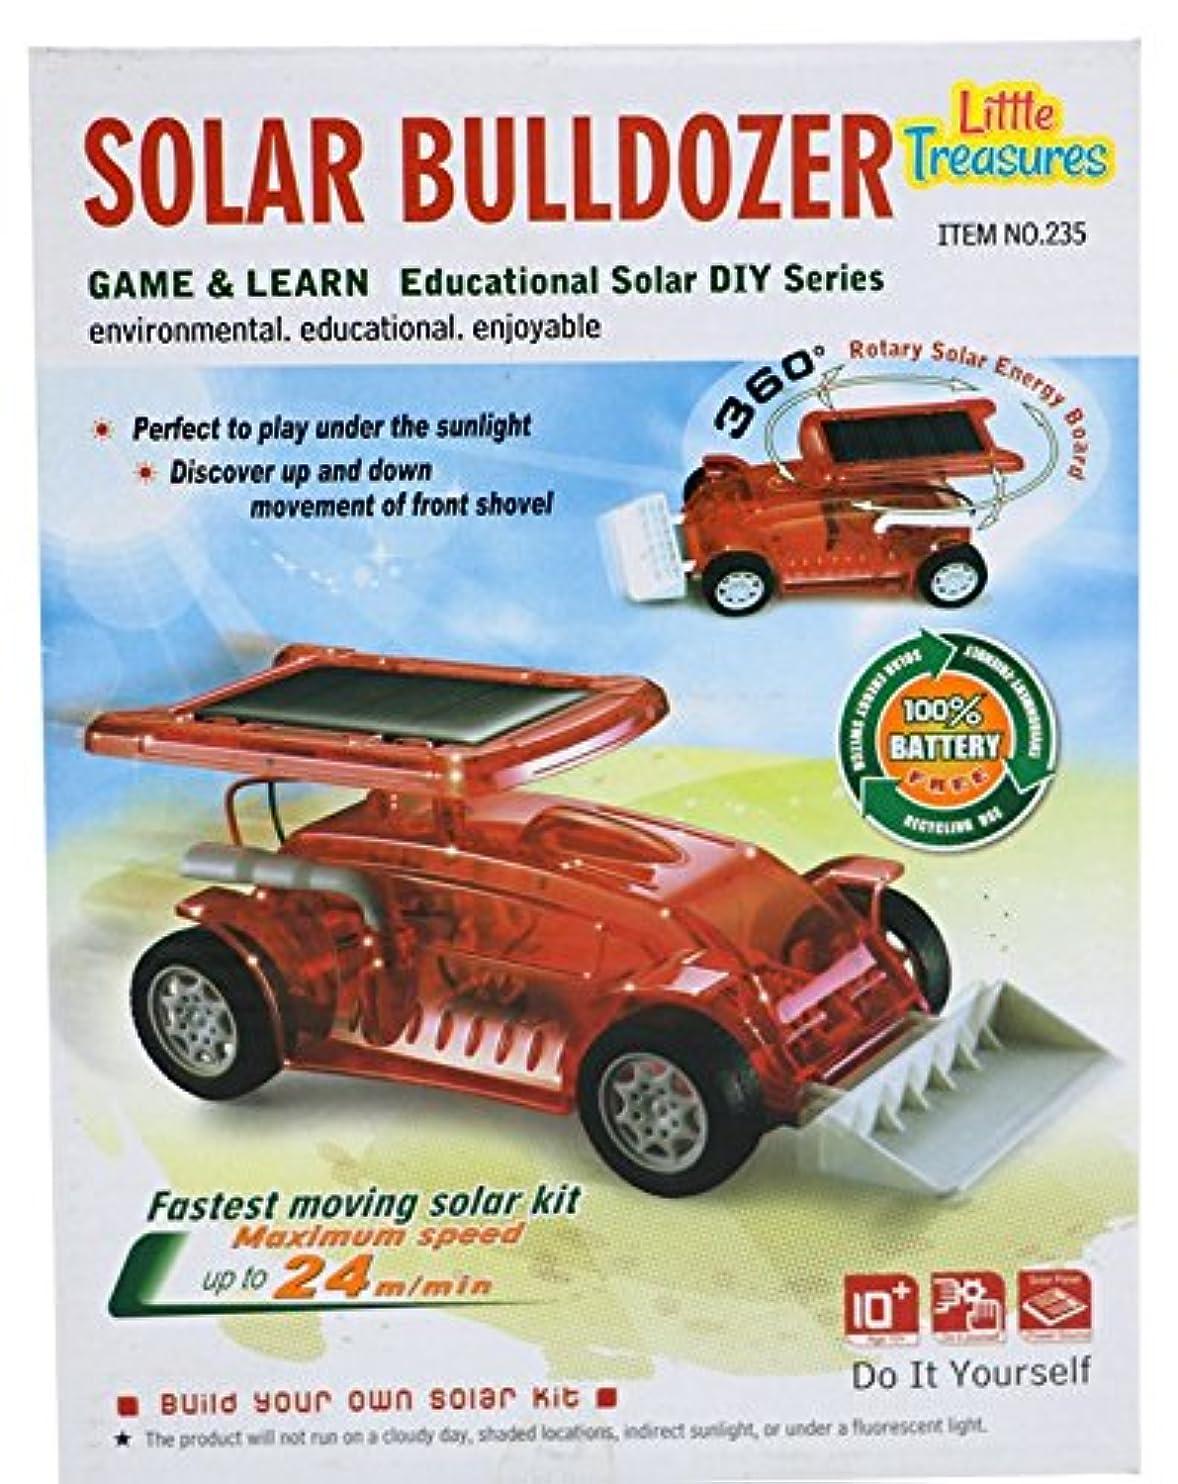 Little Treasures Solar Powered Bulldozer Teaches Science of Energy! jjkhkejkqeq64